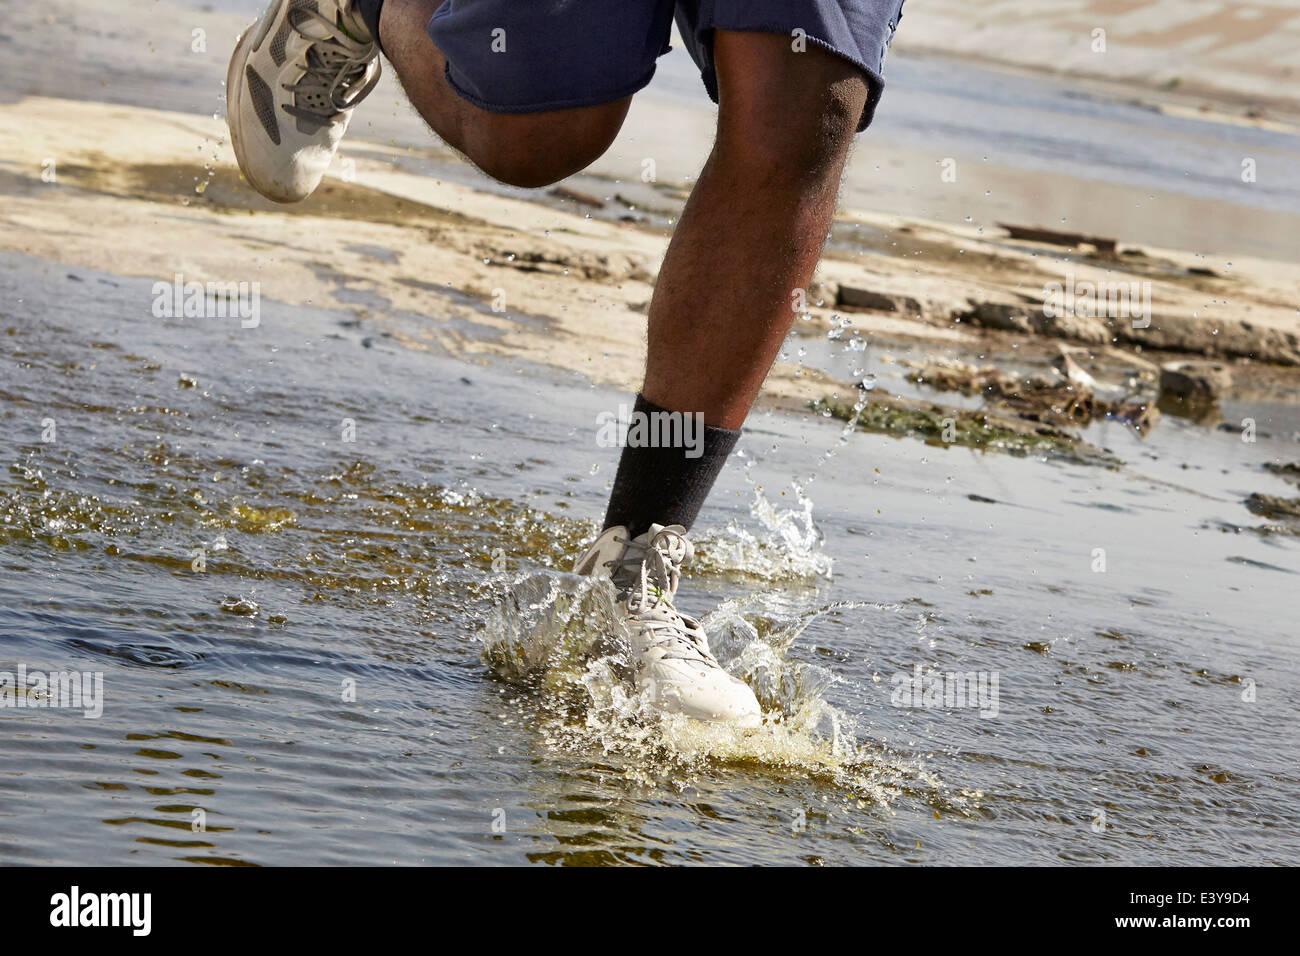 Vista recortada del joven hombre corriendo por el río Imagen De Stock